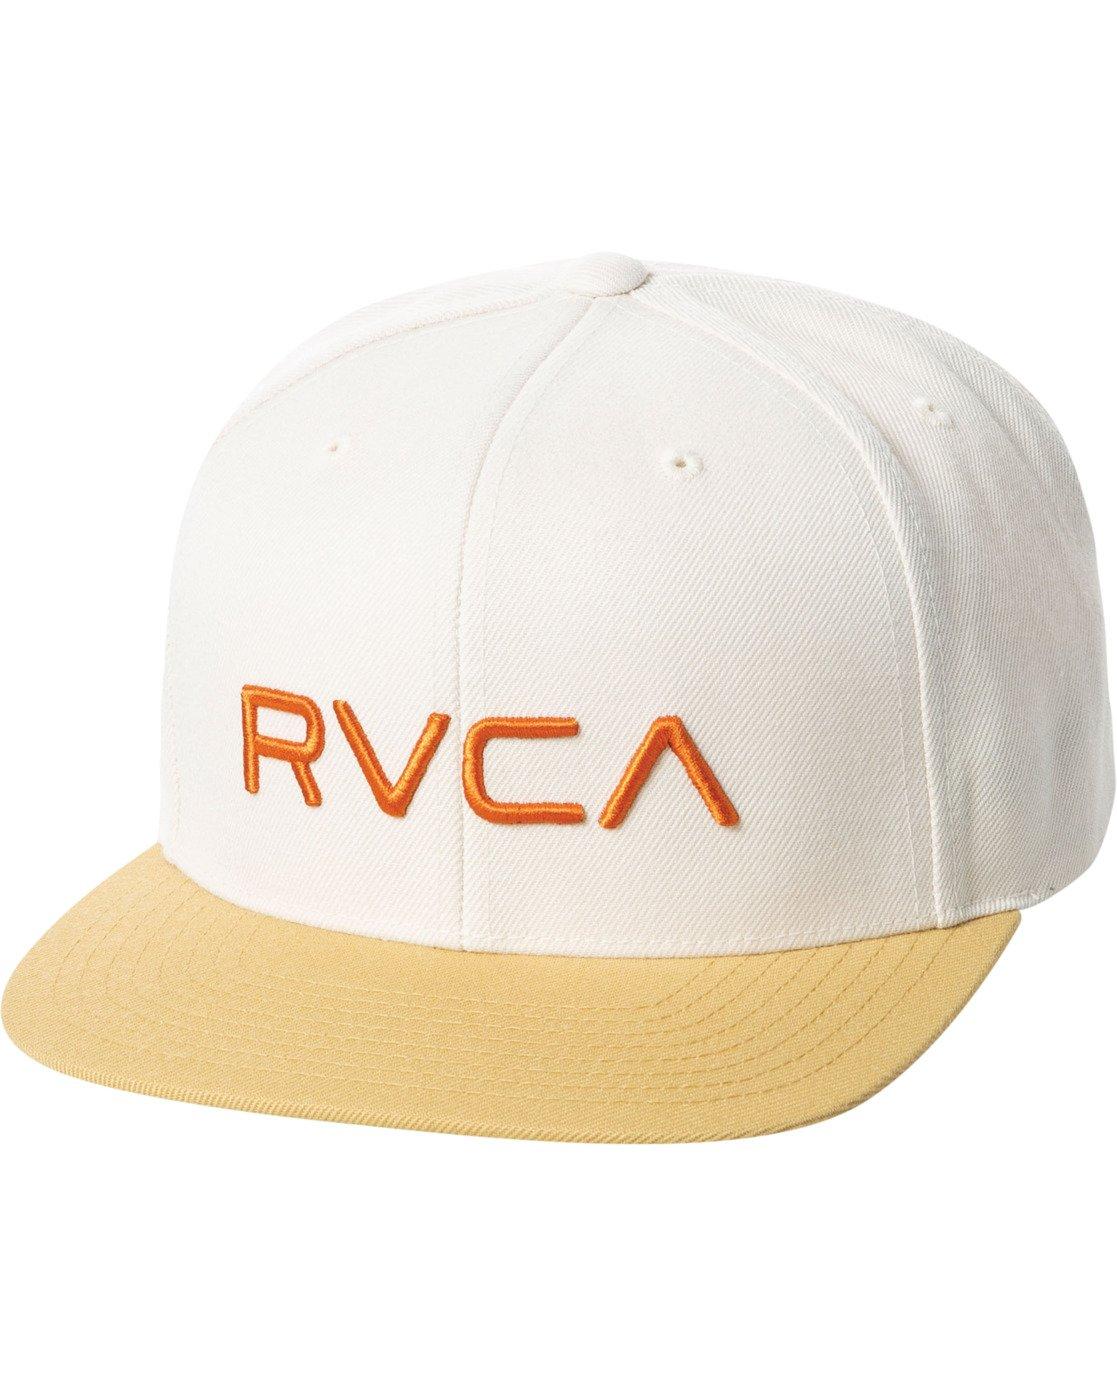 0 RVCA TWILL II SNAPBACK HAT White MAAHWRSB RVCA